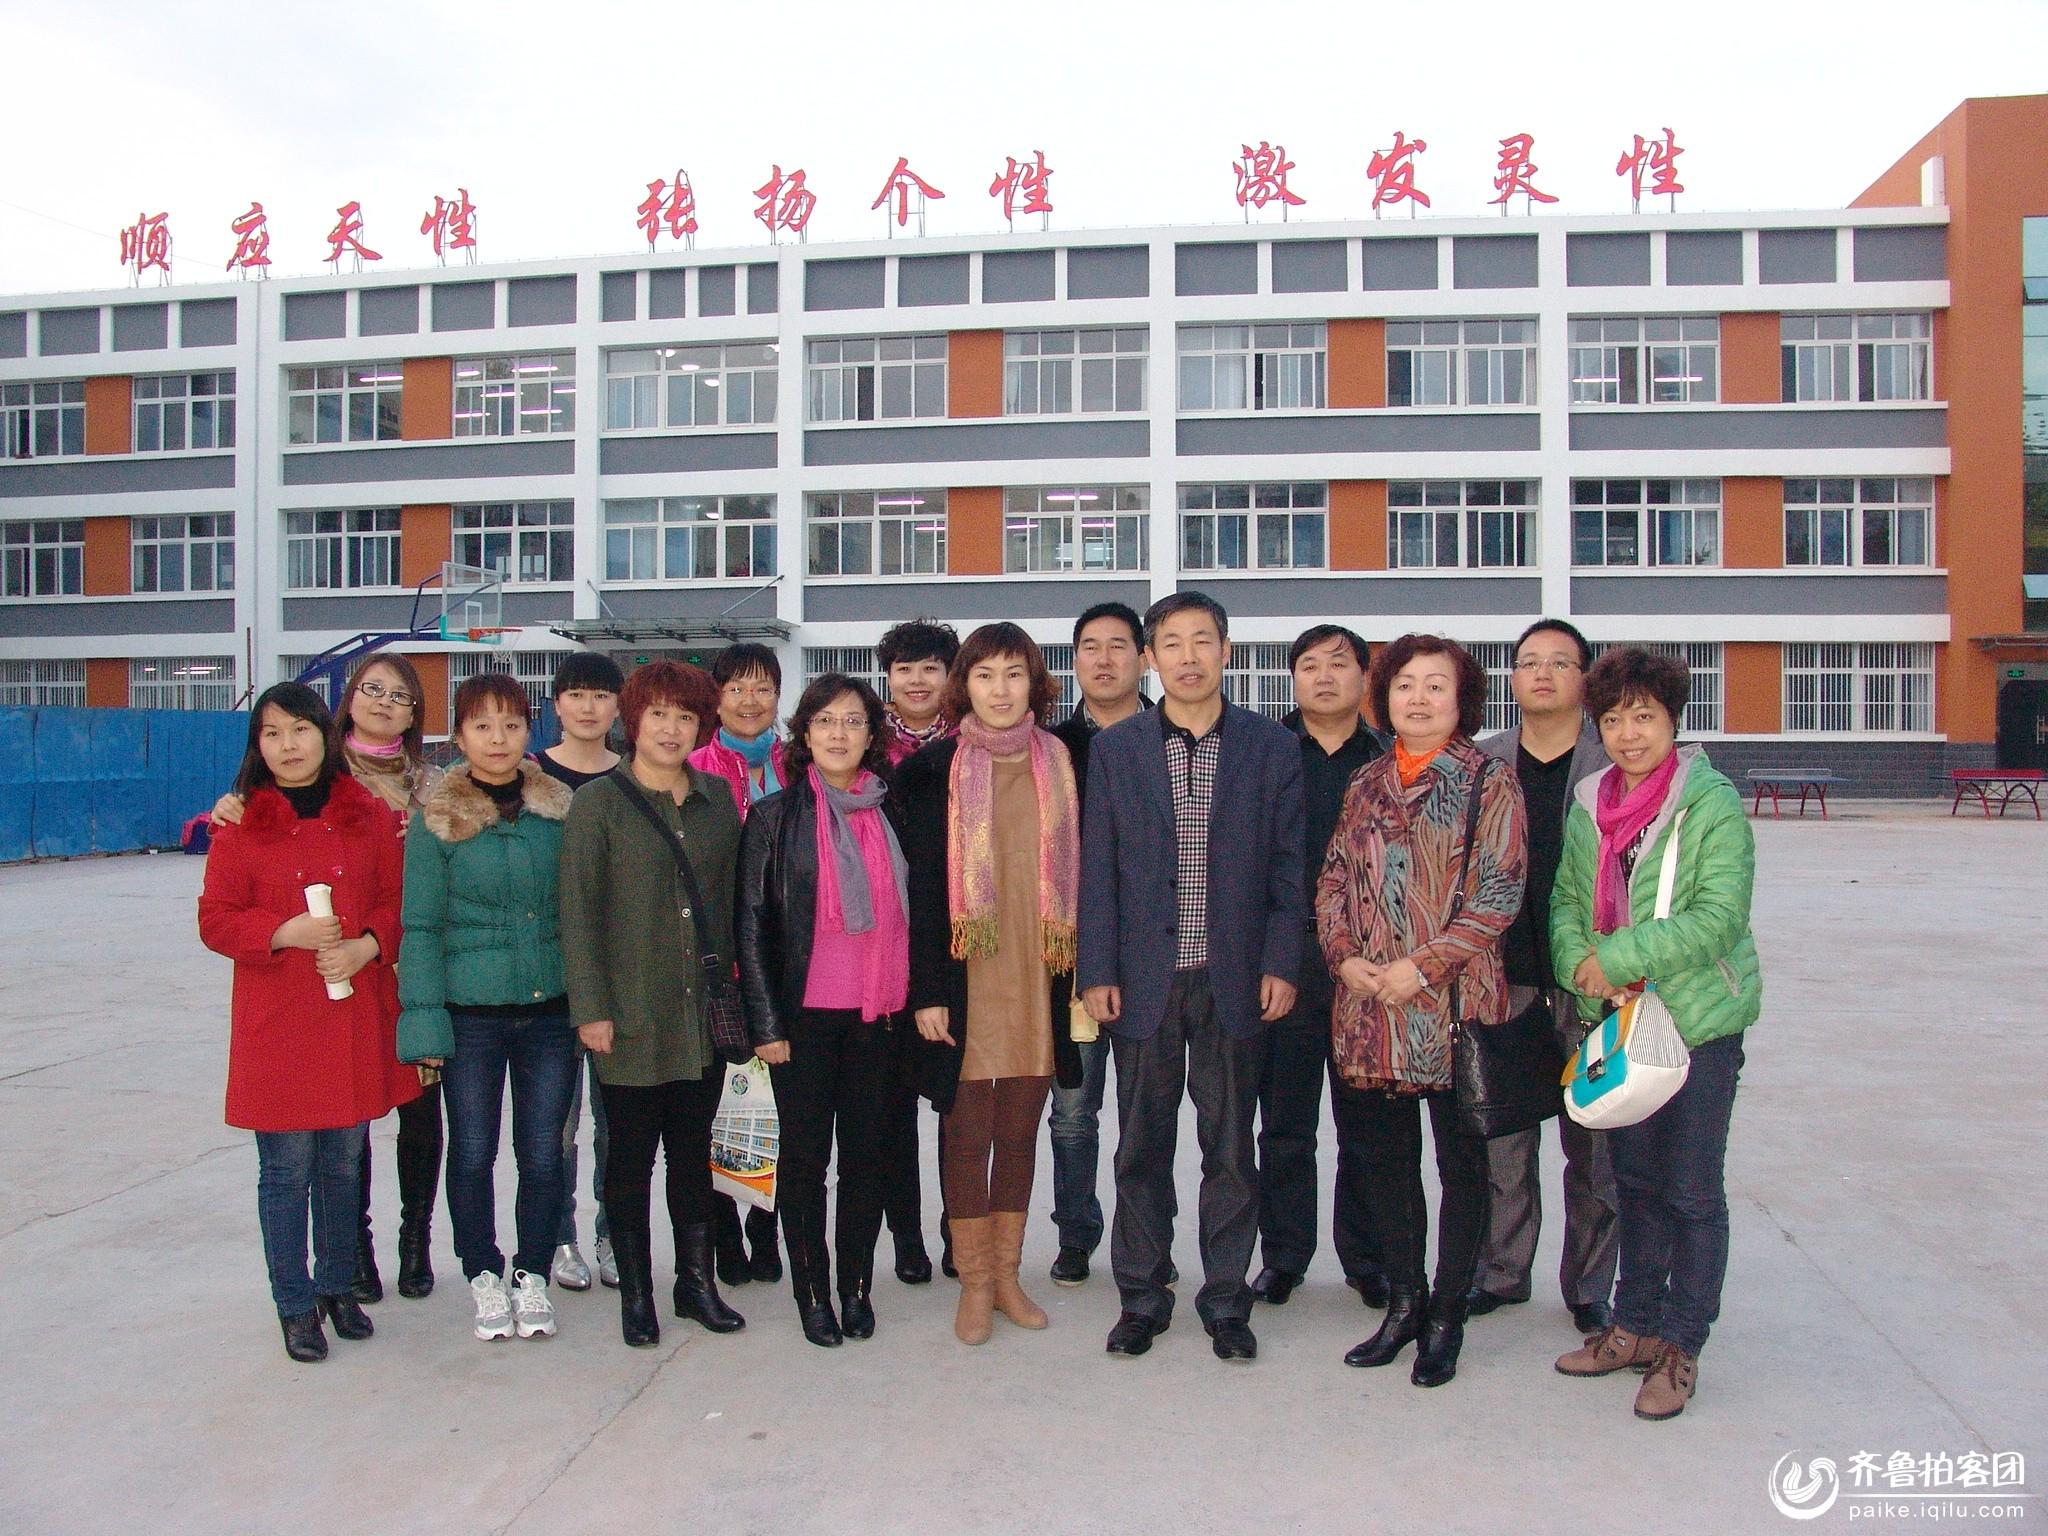 青海省西宁市考察团到安丘市实验小学参观考察